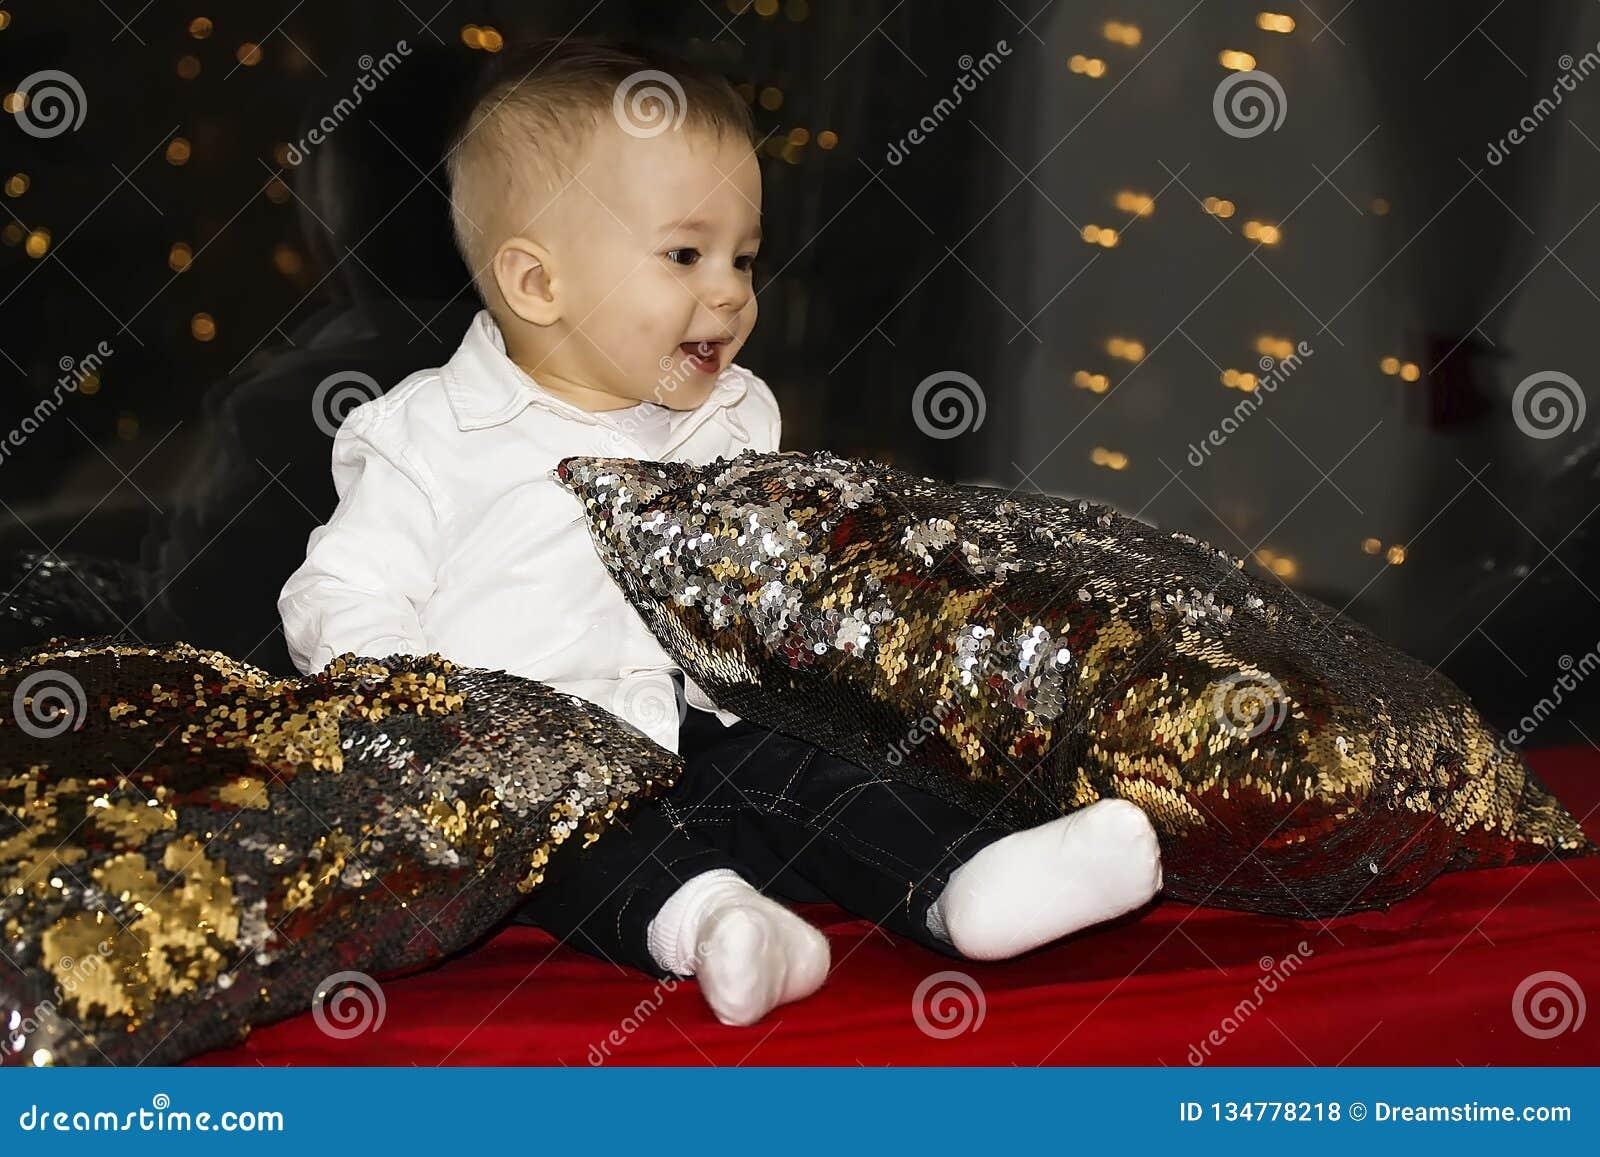 Χαριτωμένος λίγη συνεδρίαση μωρών από το παράθυρο και κοίταγμα μακριά Δωμάτιο που διακοσμείται στα Χριστούγεννα